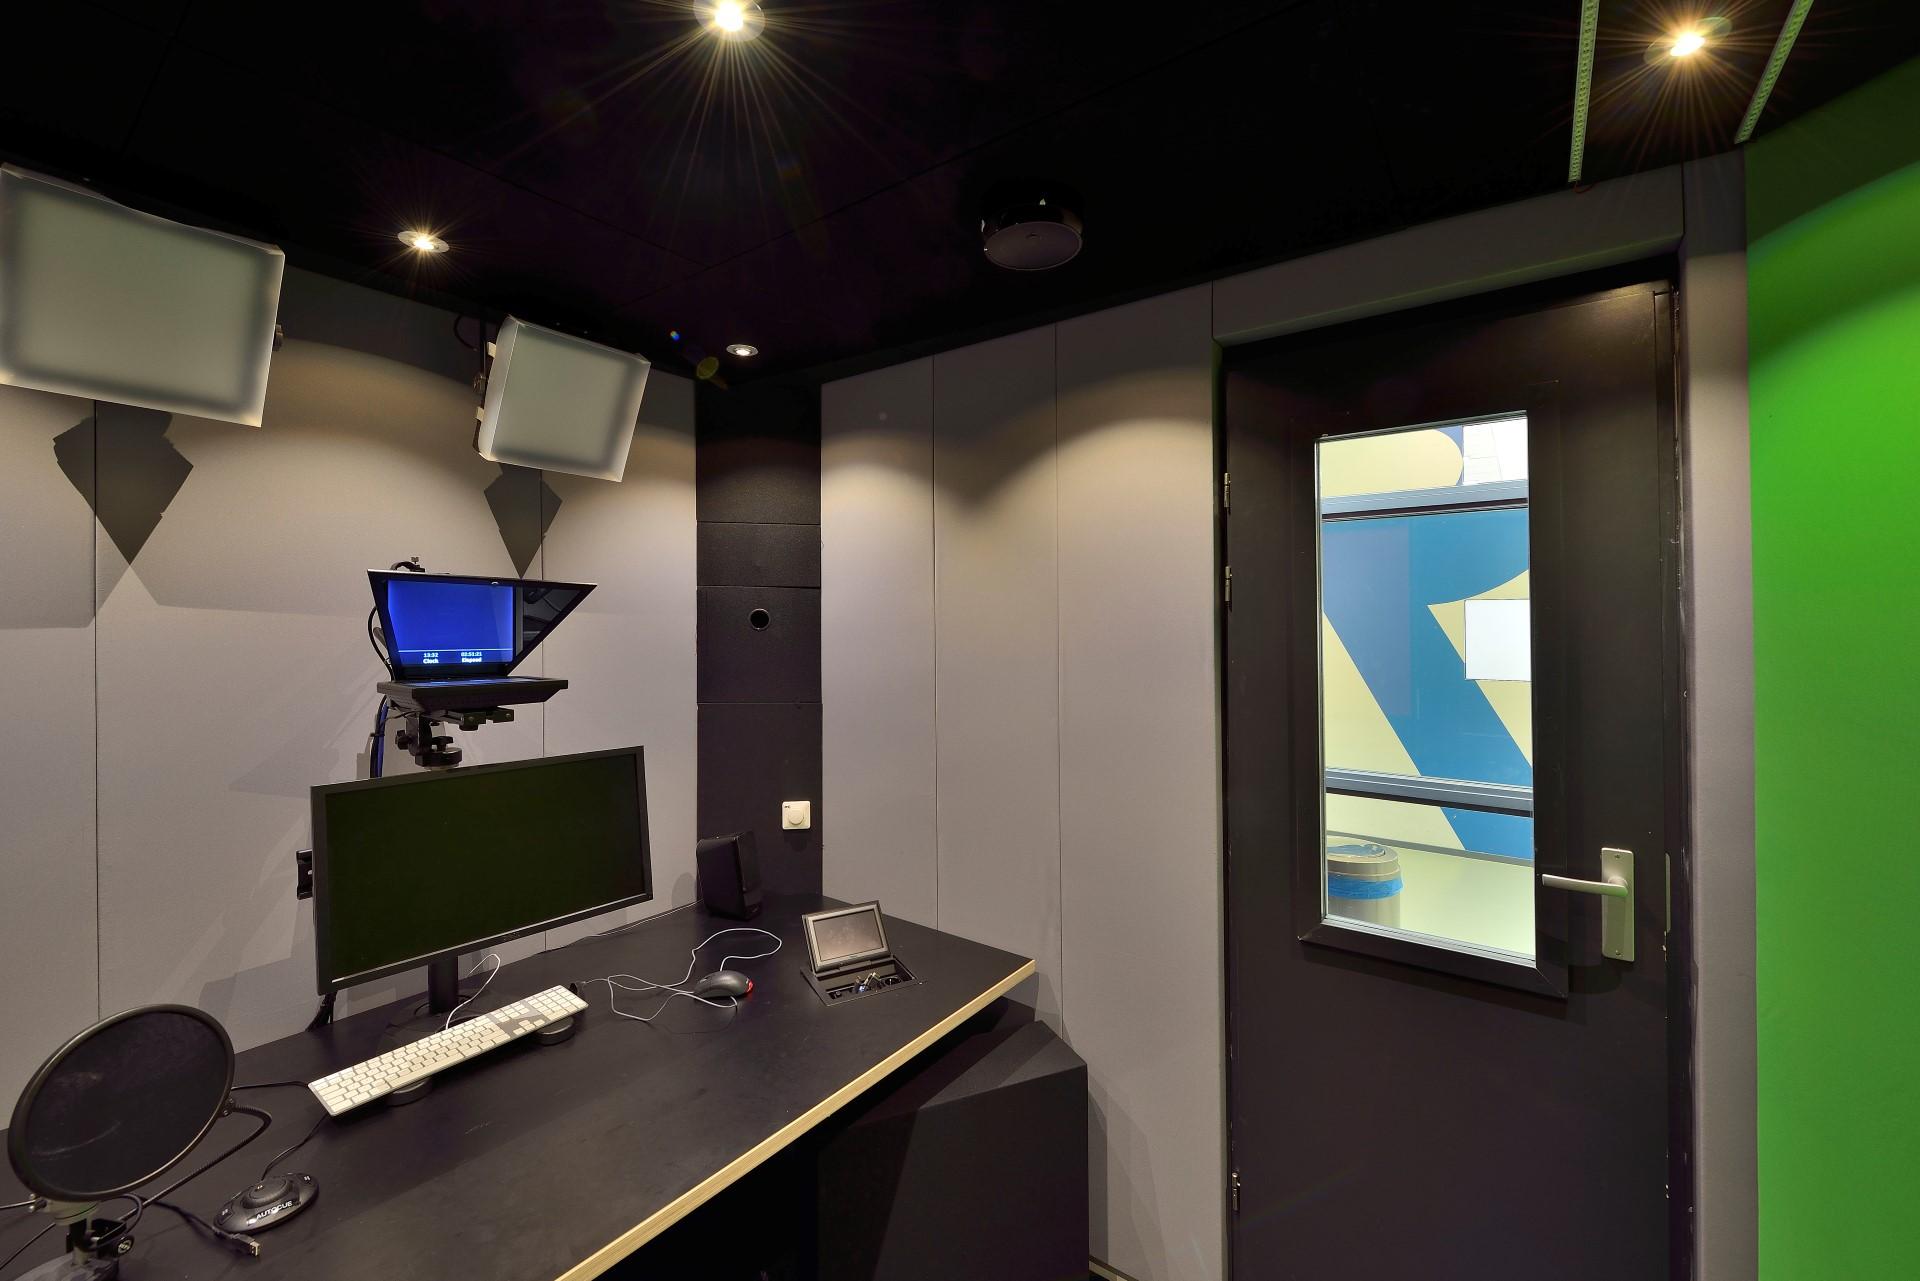 Nieuwe StudioCube 40 geluidscabine voor TU Delft, New Media Centre